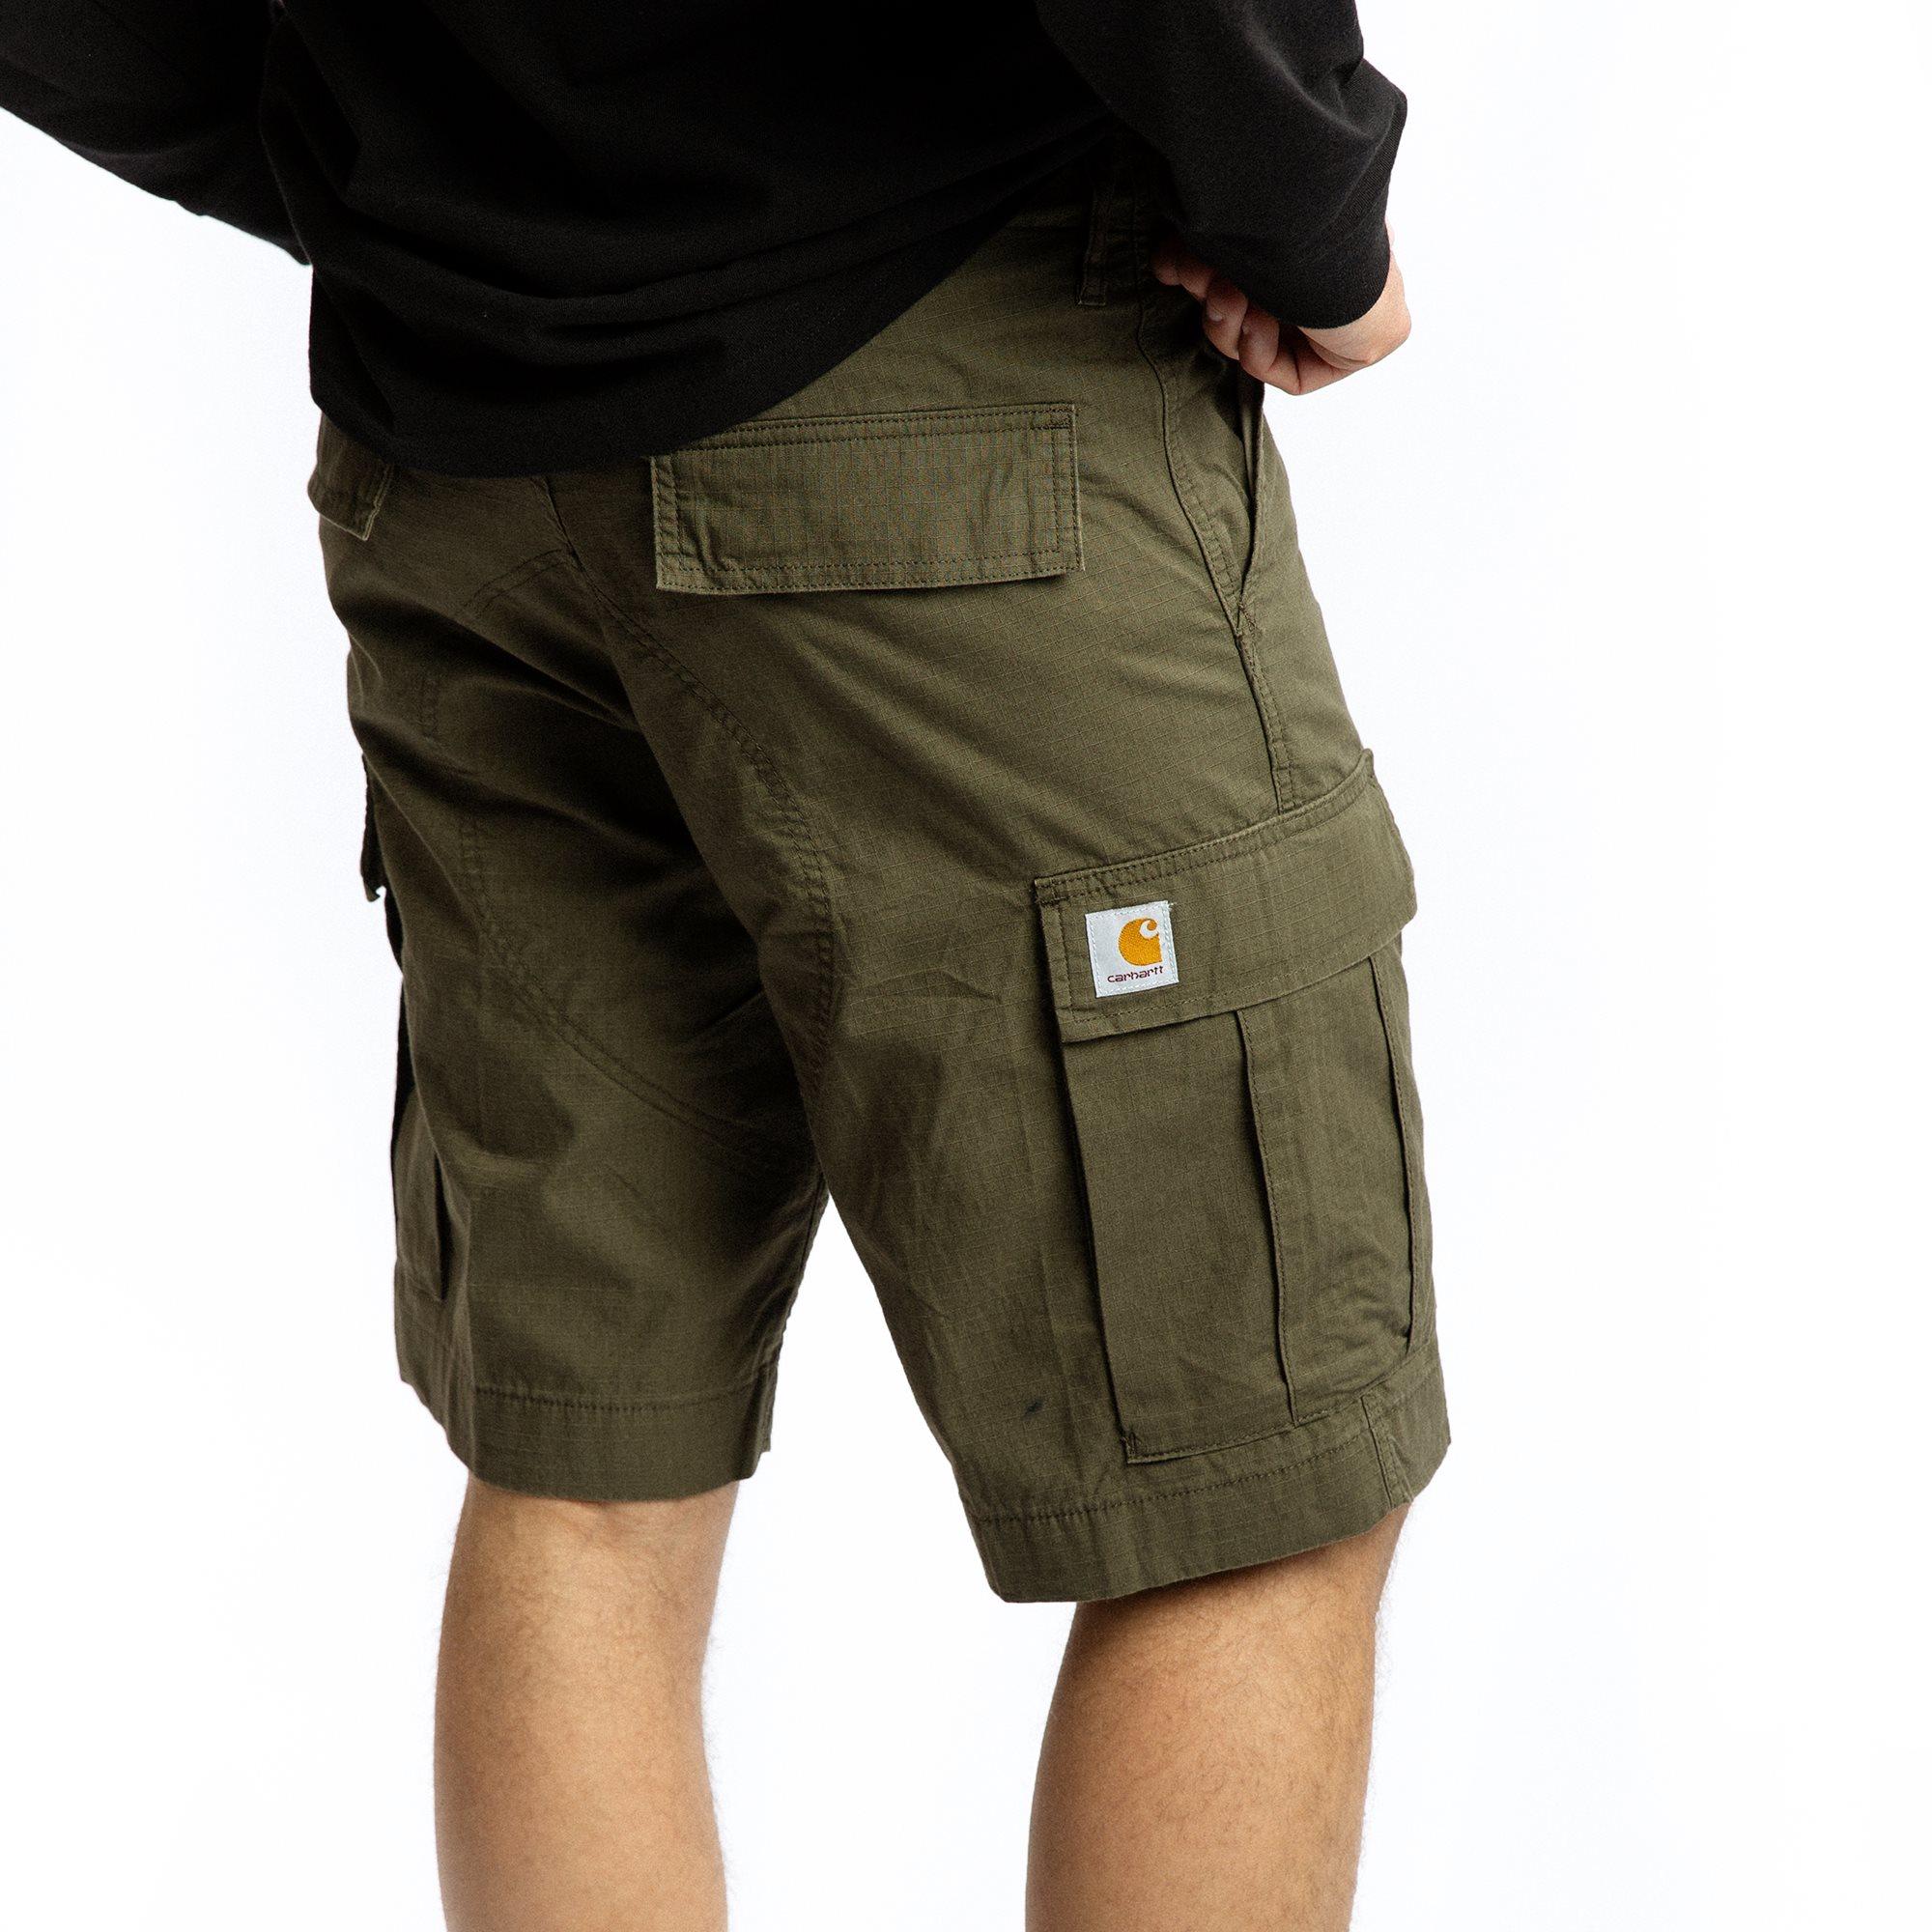 Regular Cargo Shorts I028246 - Shorts - Regular fit - Grøn